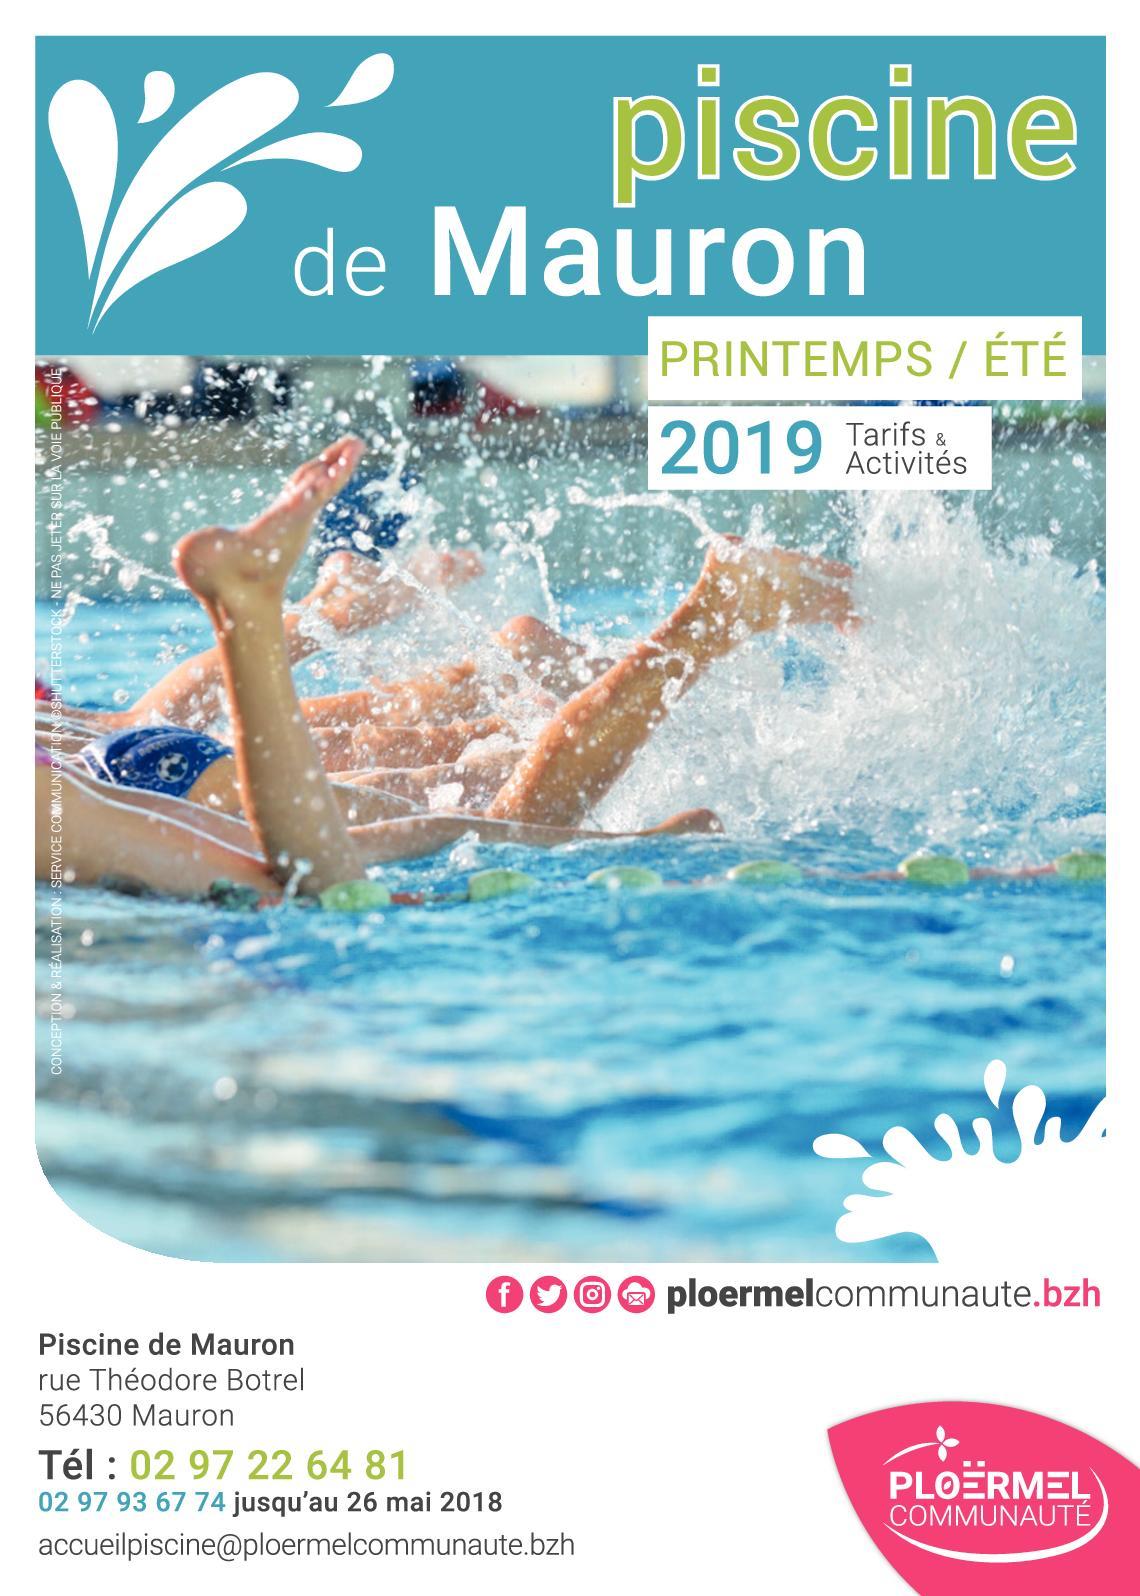 Calaméo - Flyer Piscine De Mauron à Piscine Ploermel